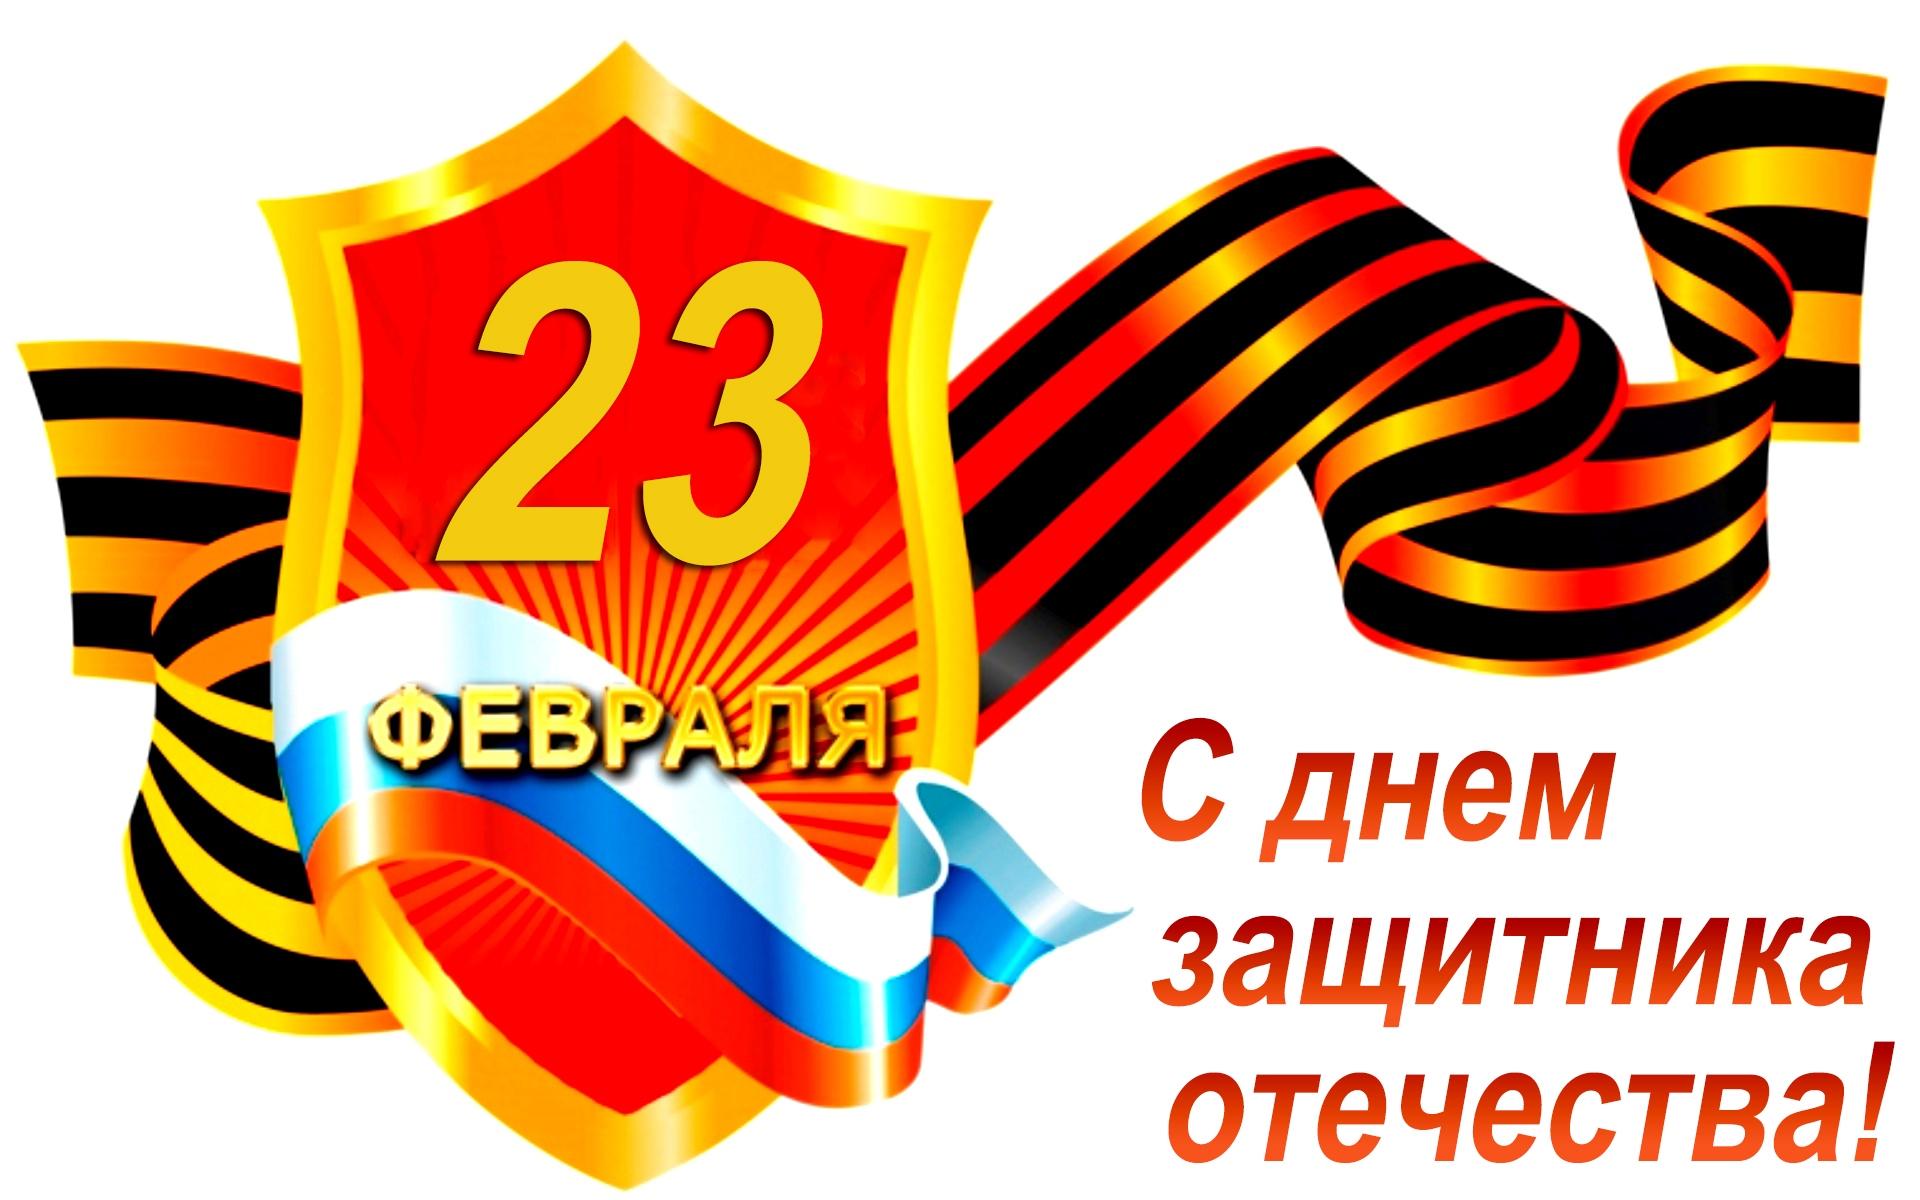 Картинки с праздником защиту день отечества